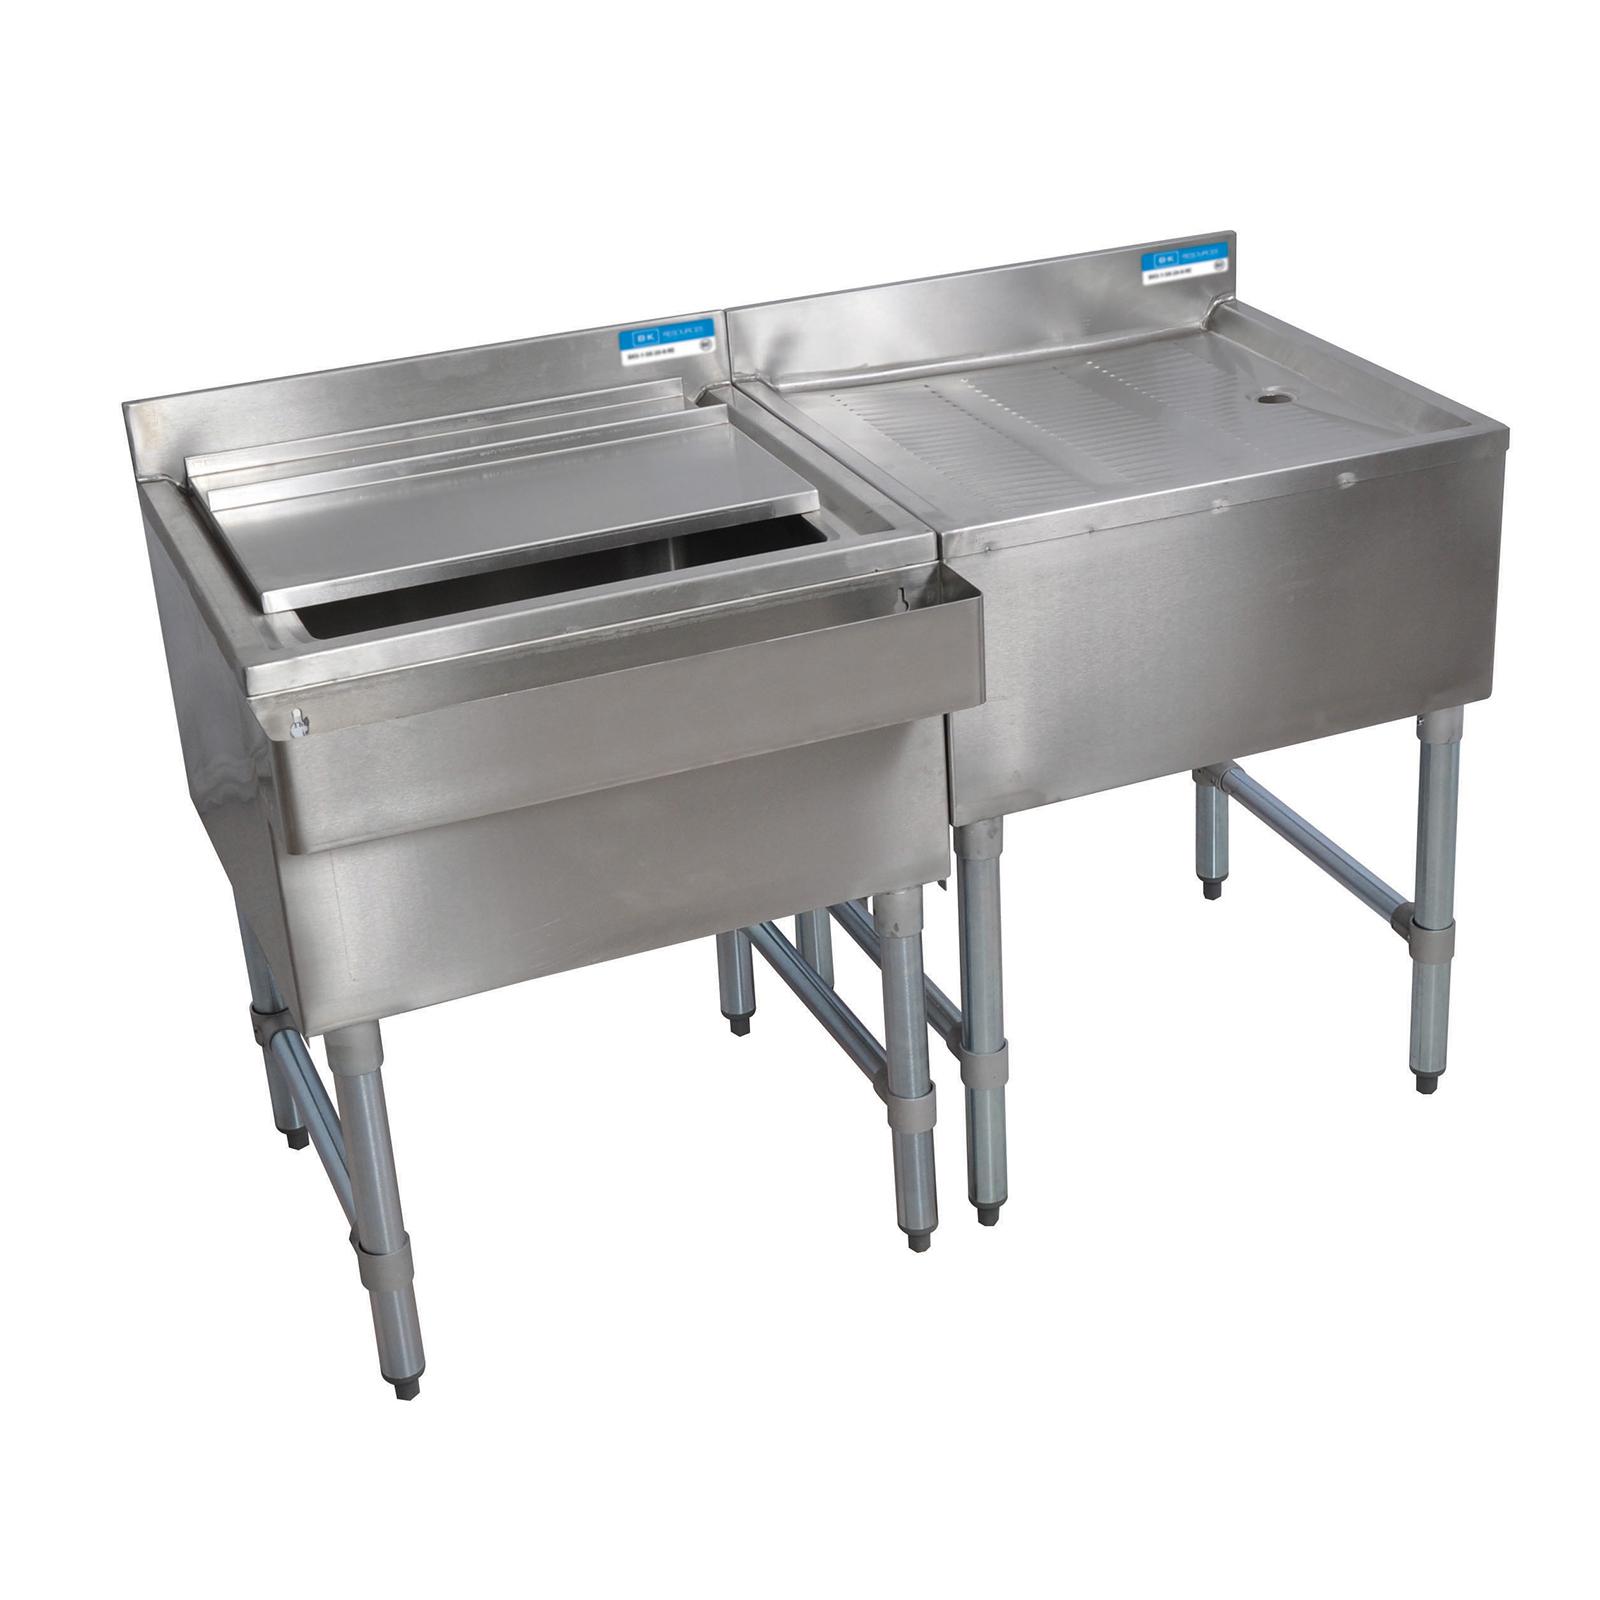 BK Resources BKUB-WS-IBDB-60S underbar ice bin/cocktail station, drainboard